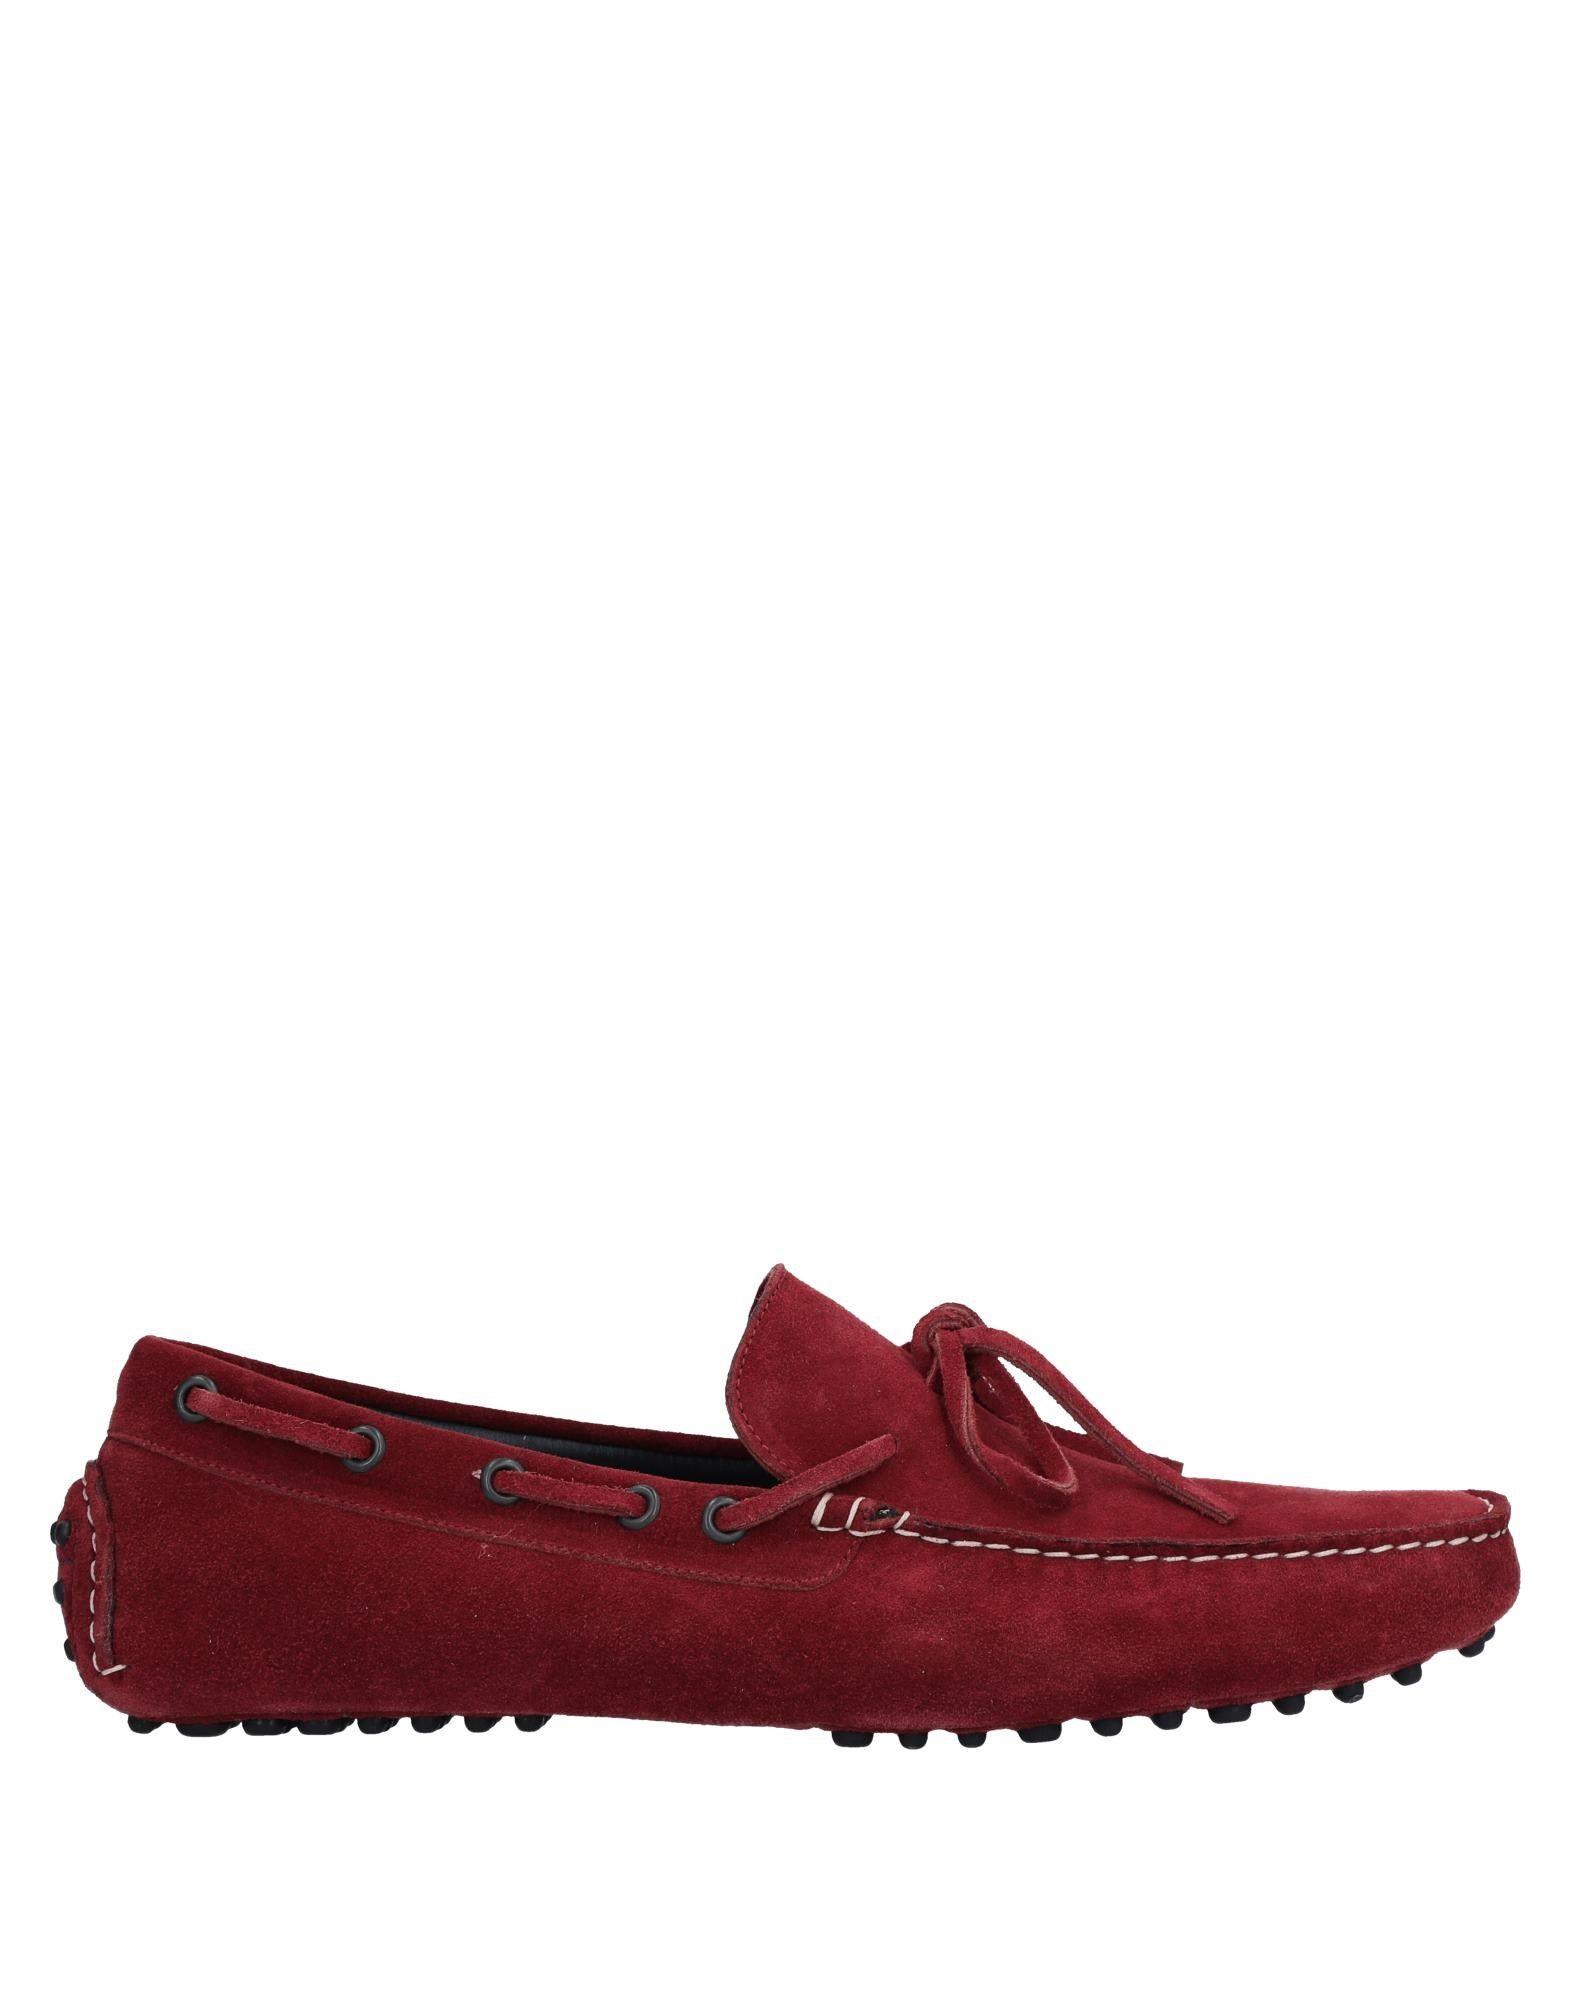 Rabatt echte Schuhe Corneliani Id Mokassins Herren  11403259QU